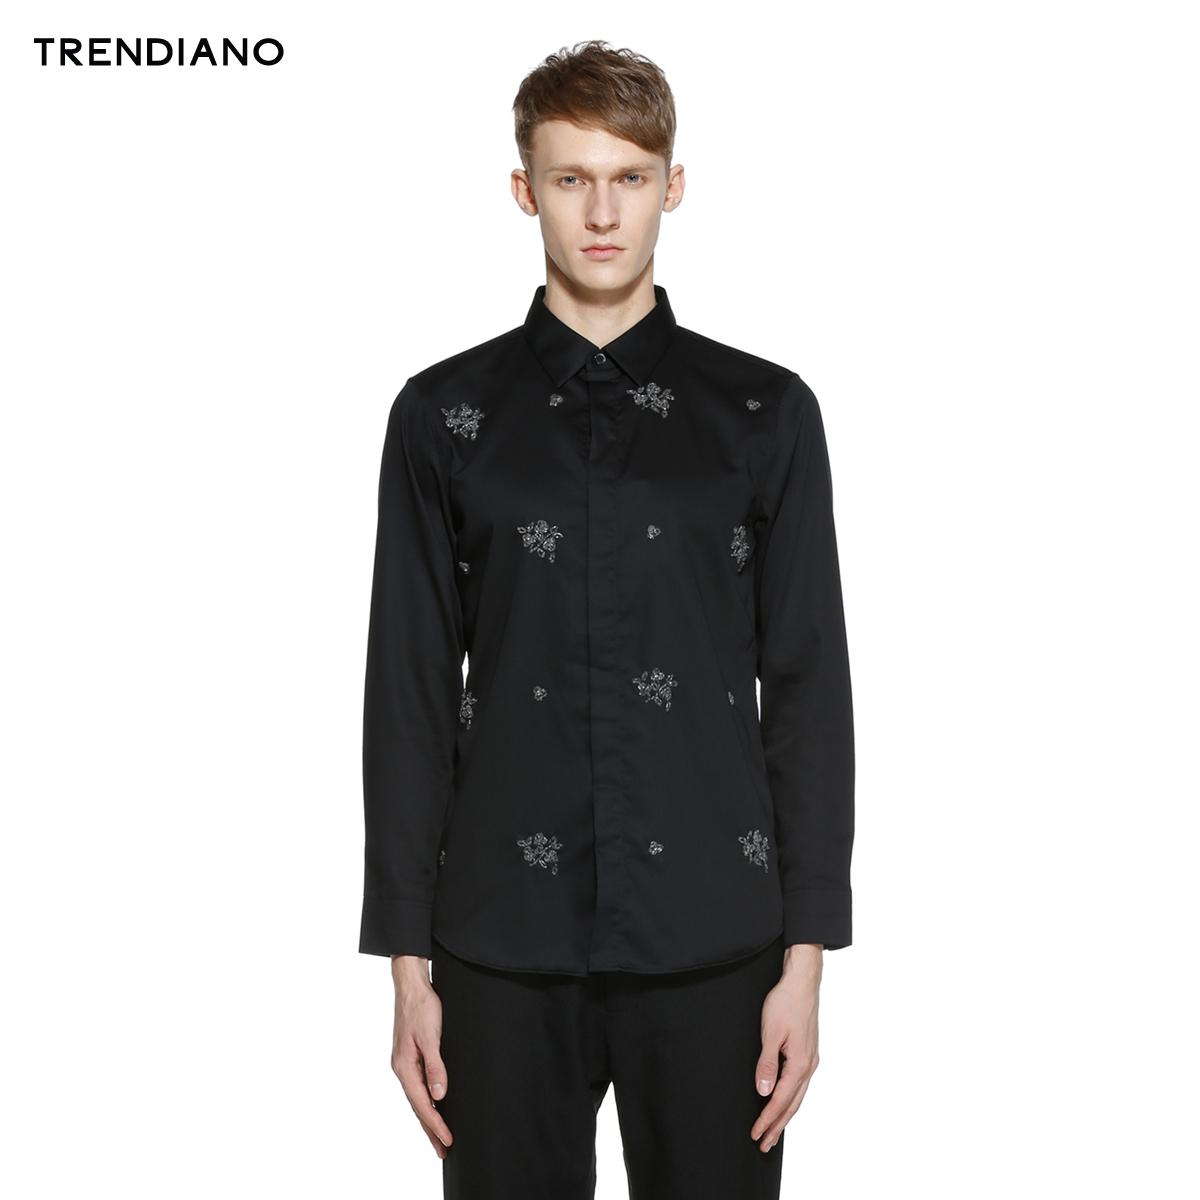 TRENDIANO新男裝春裝潮 純棉釘珠長袖襯衫襯衣3151012010